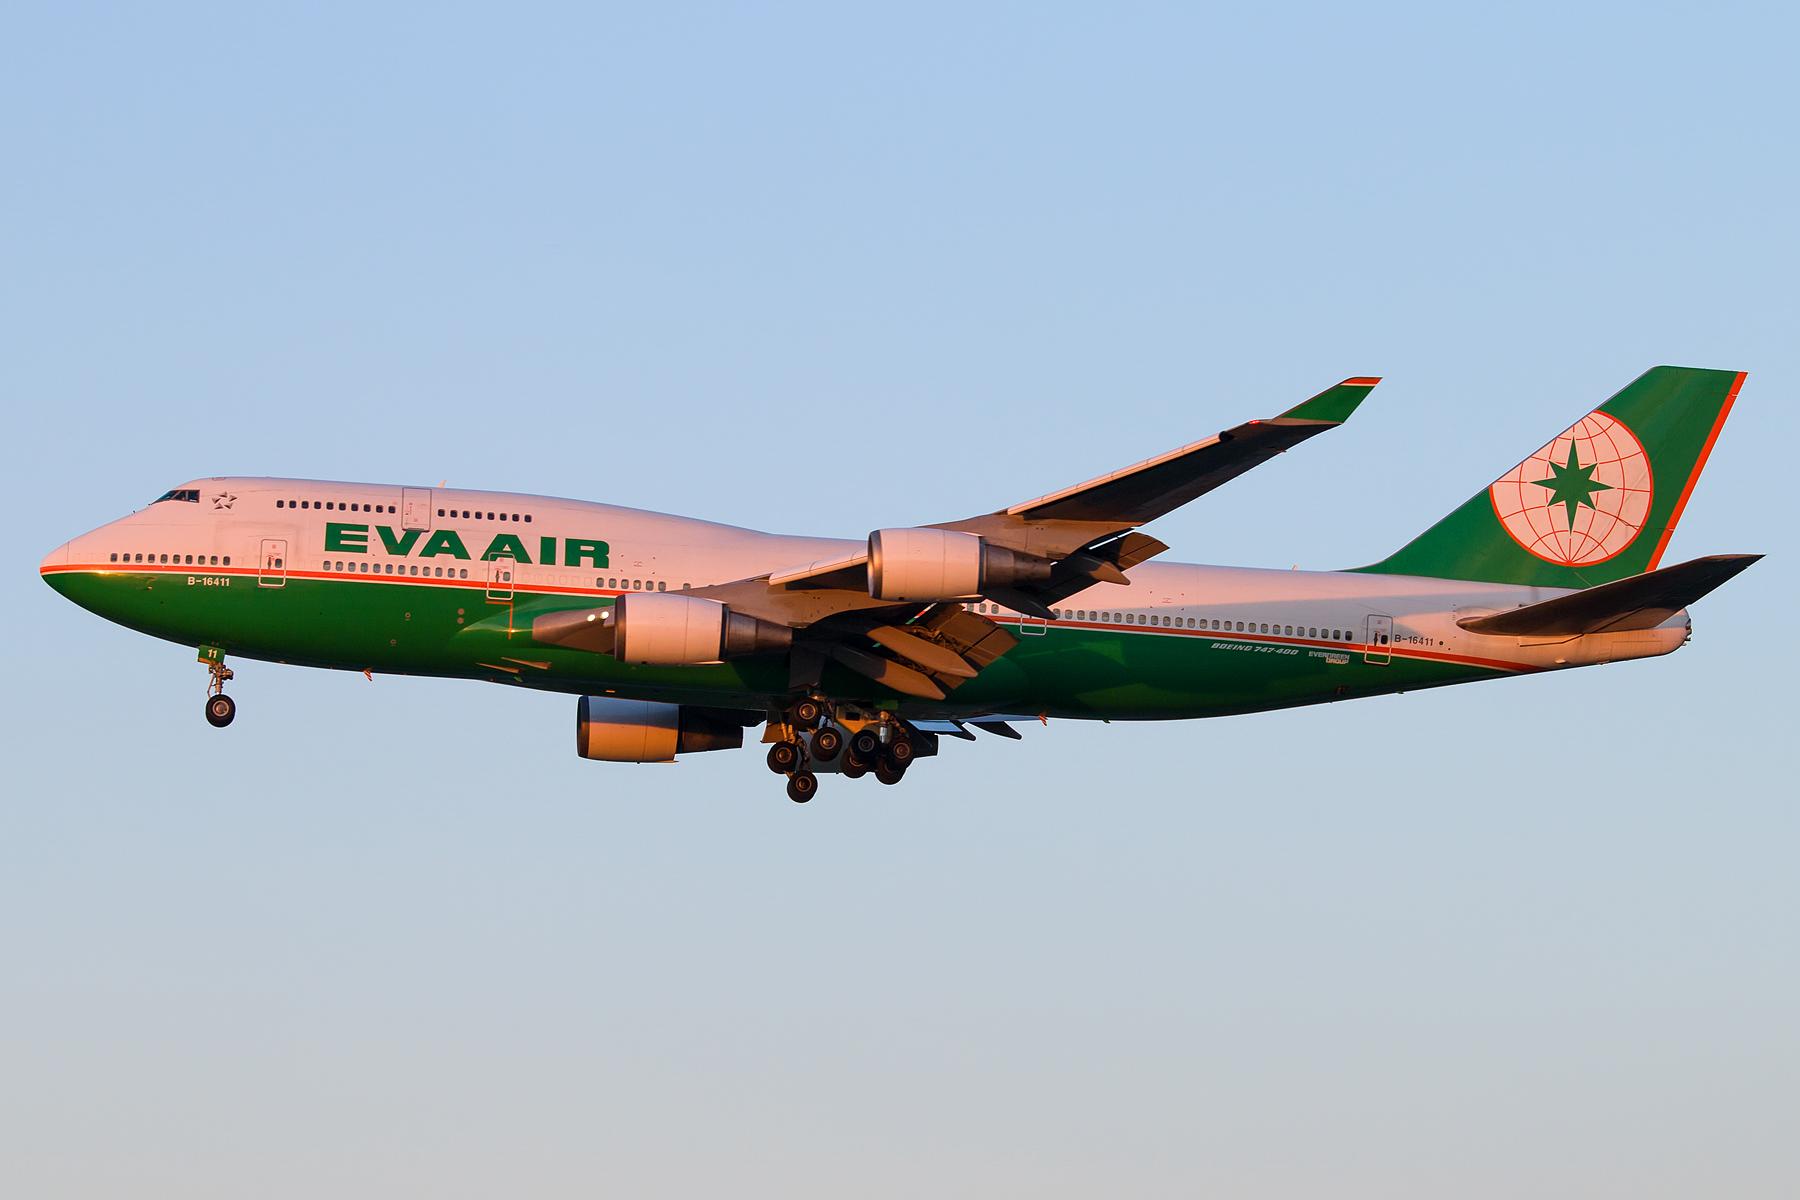 [原创][一图党] EVA AIR 1800*1200 BOEING 747-400 B-16411 中国北京首都国际机场